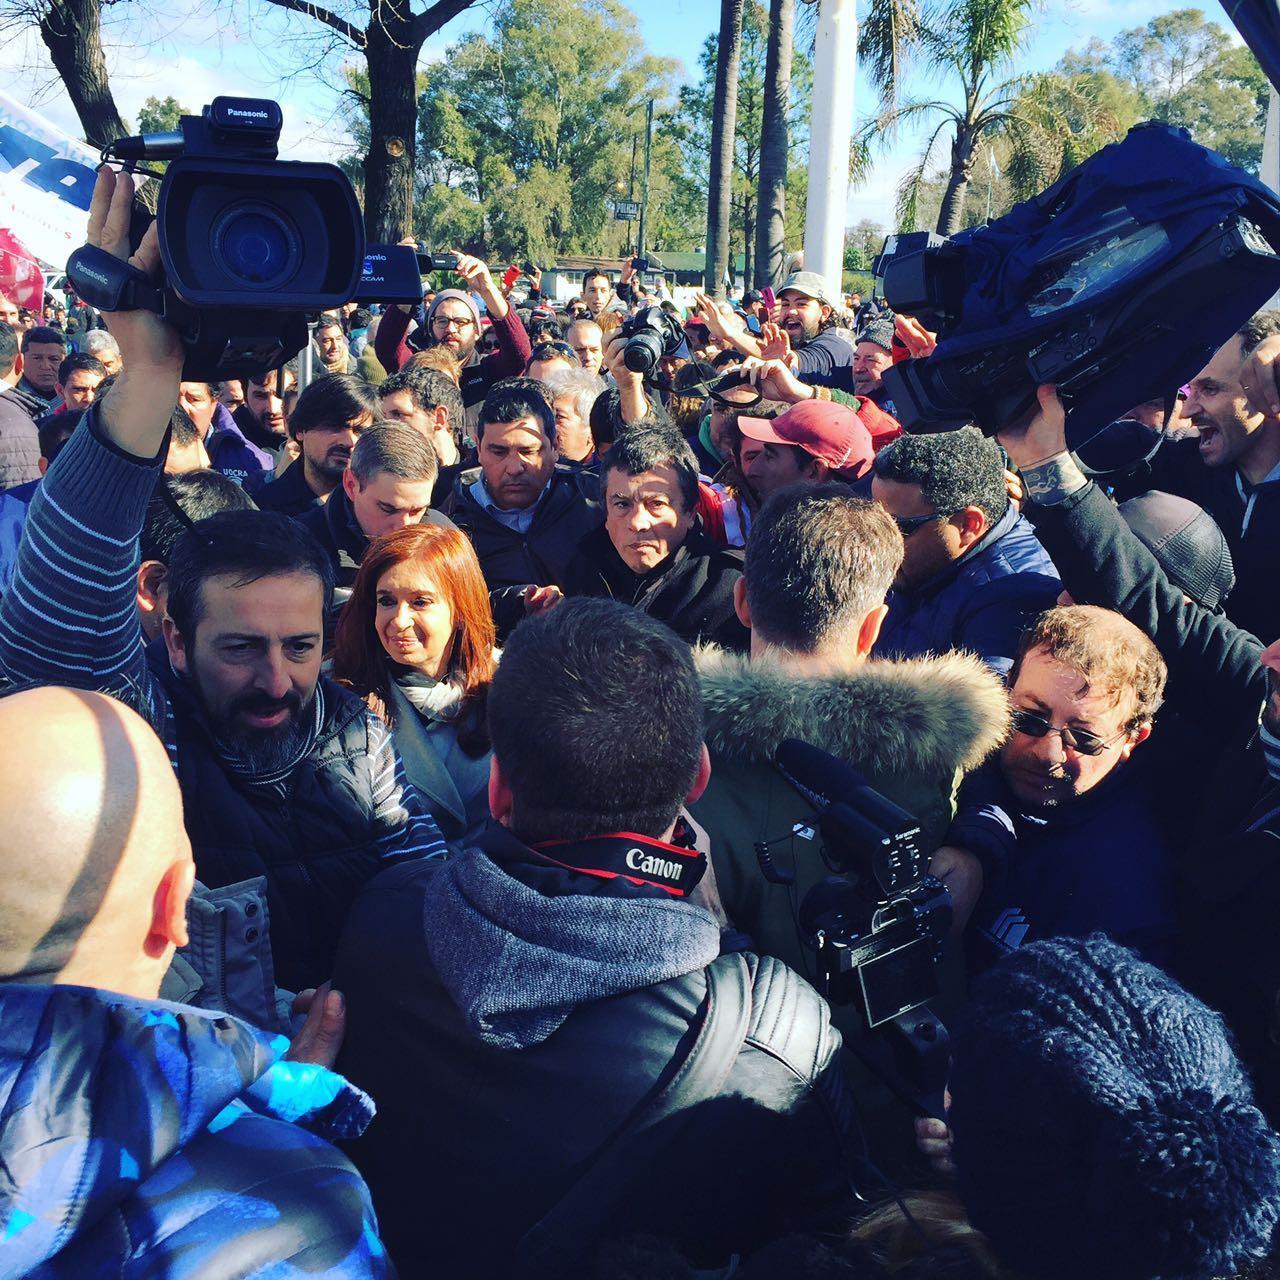 Fuerte presencia de Gendarmería en el acampe de Atucha — Zárate